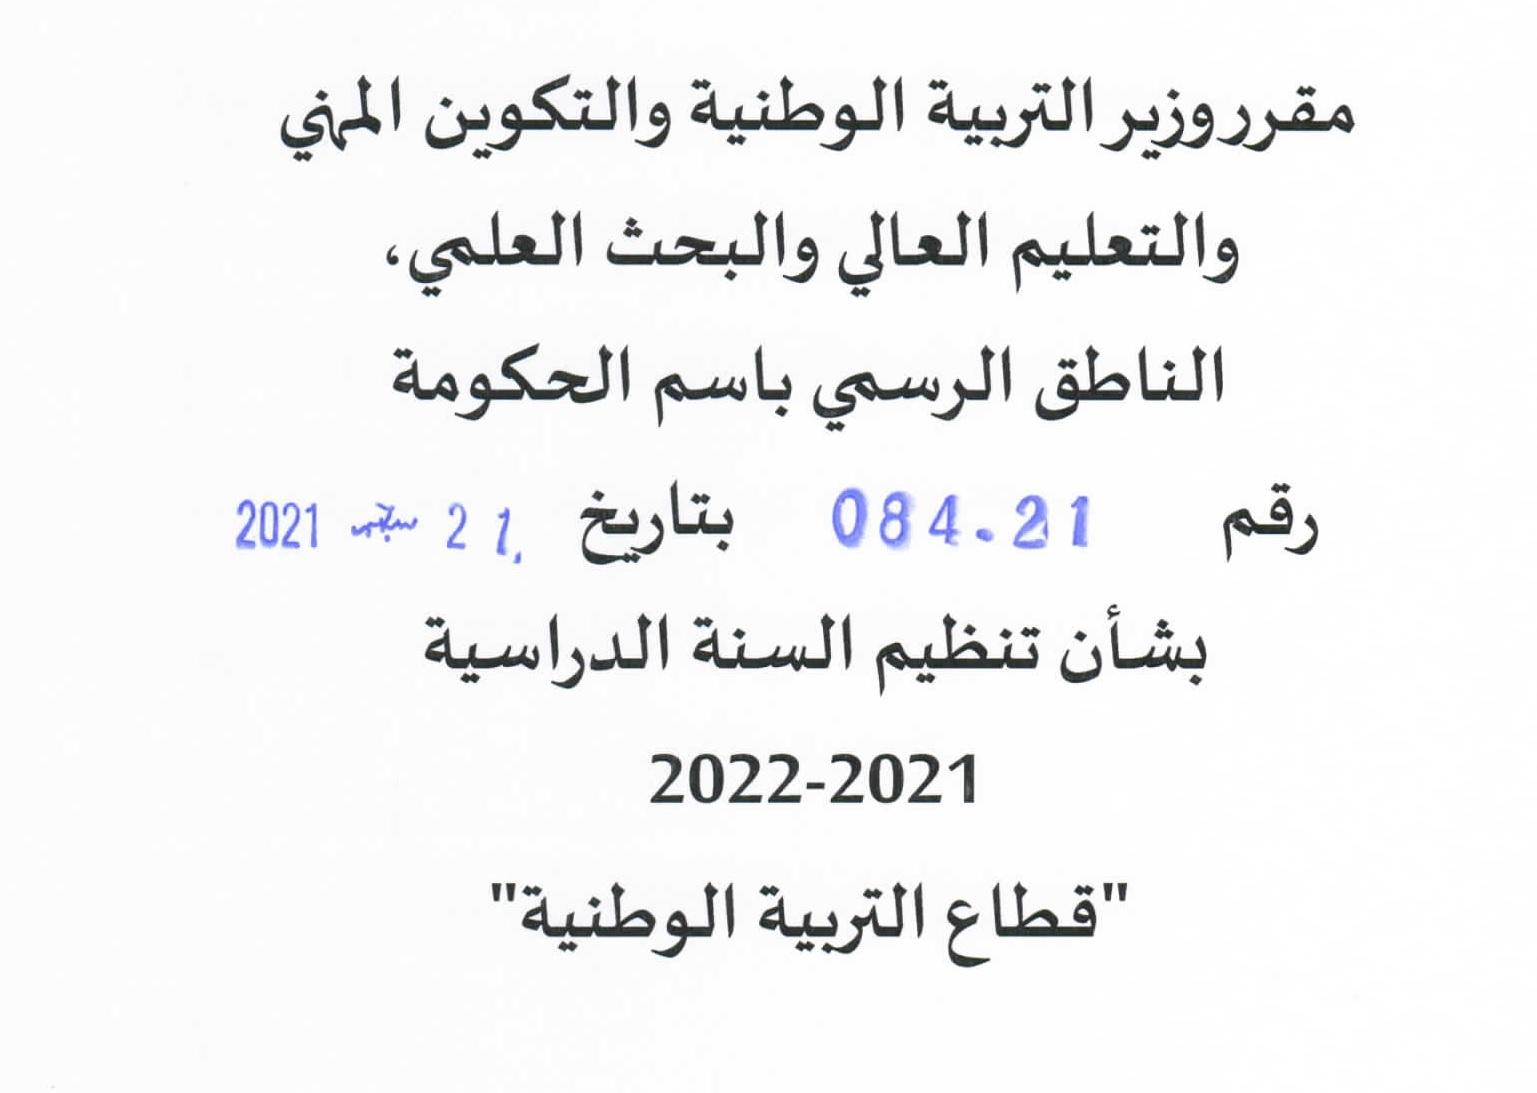 مقرر السنة الدراسية 2021-2022